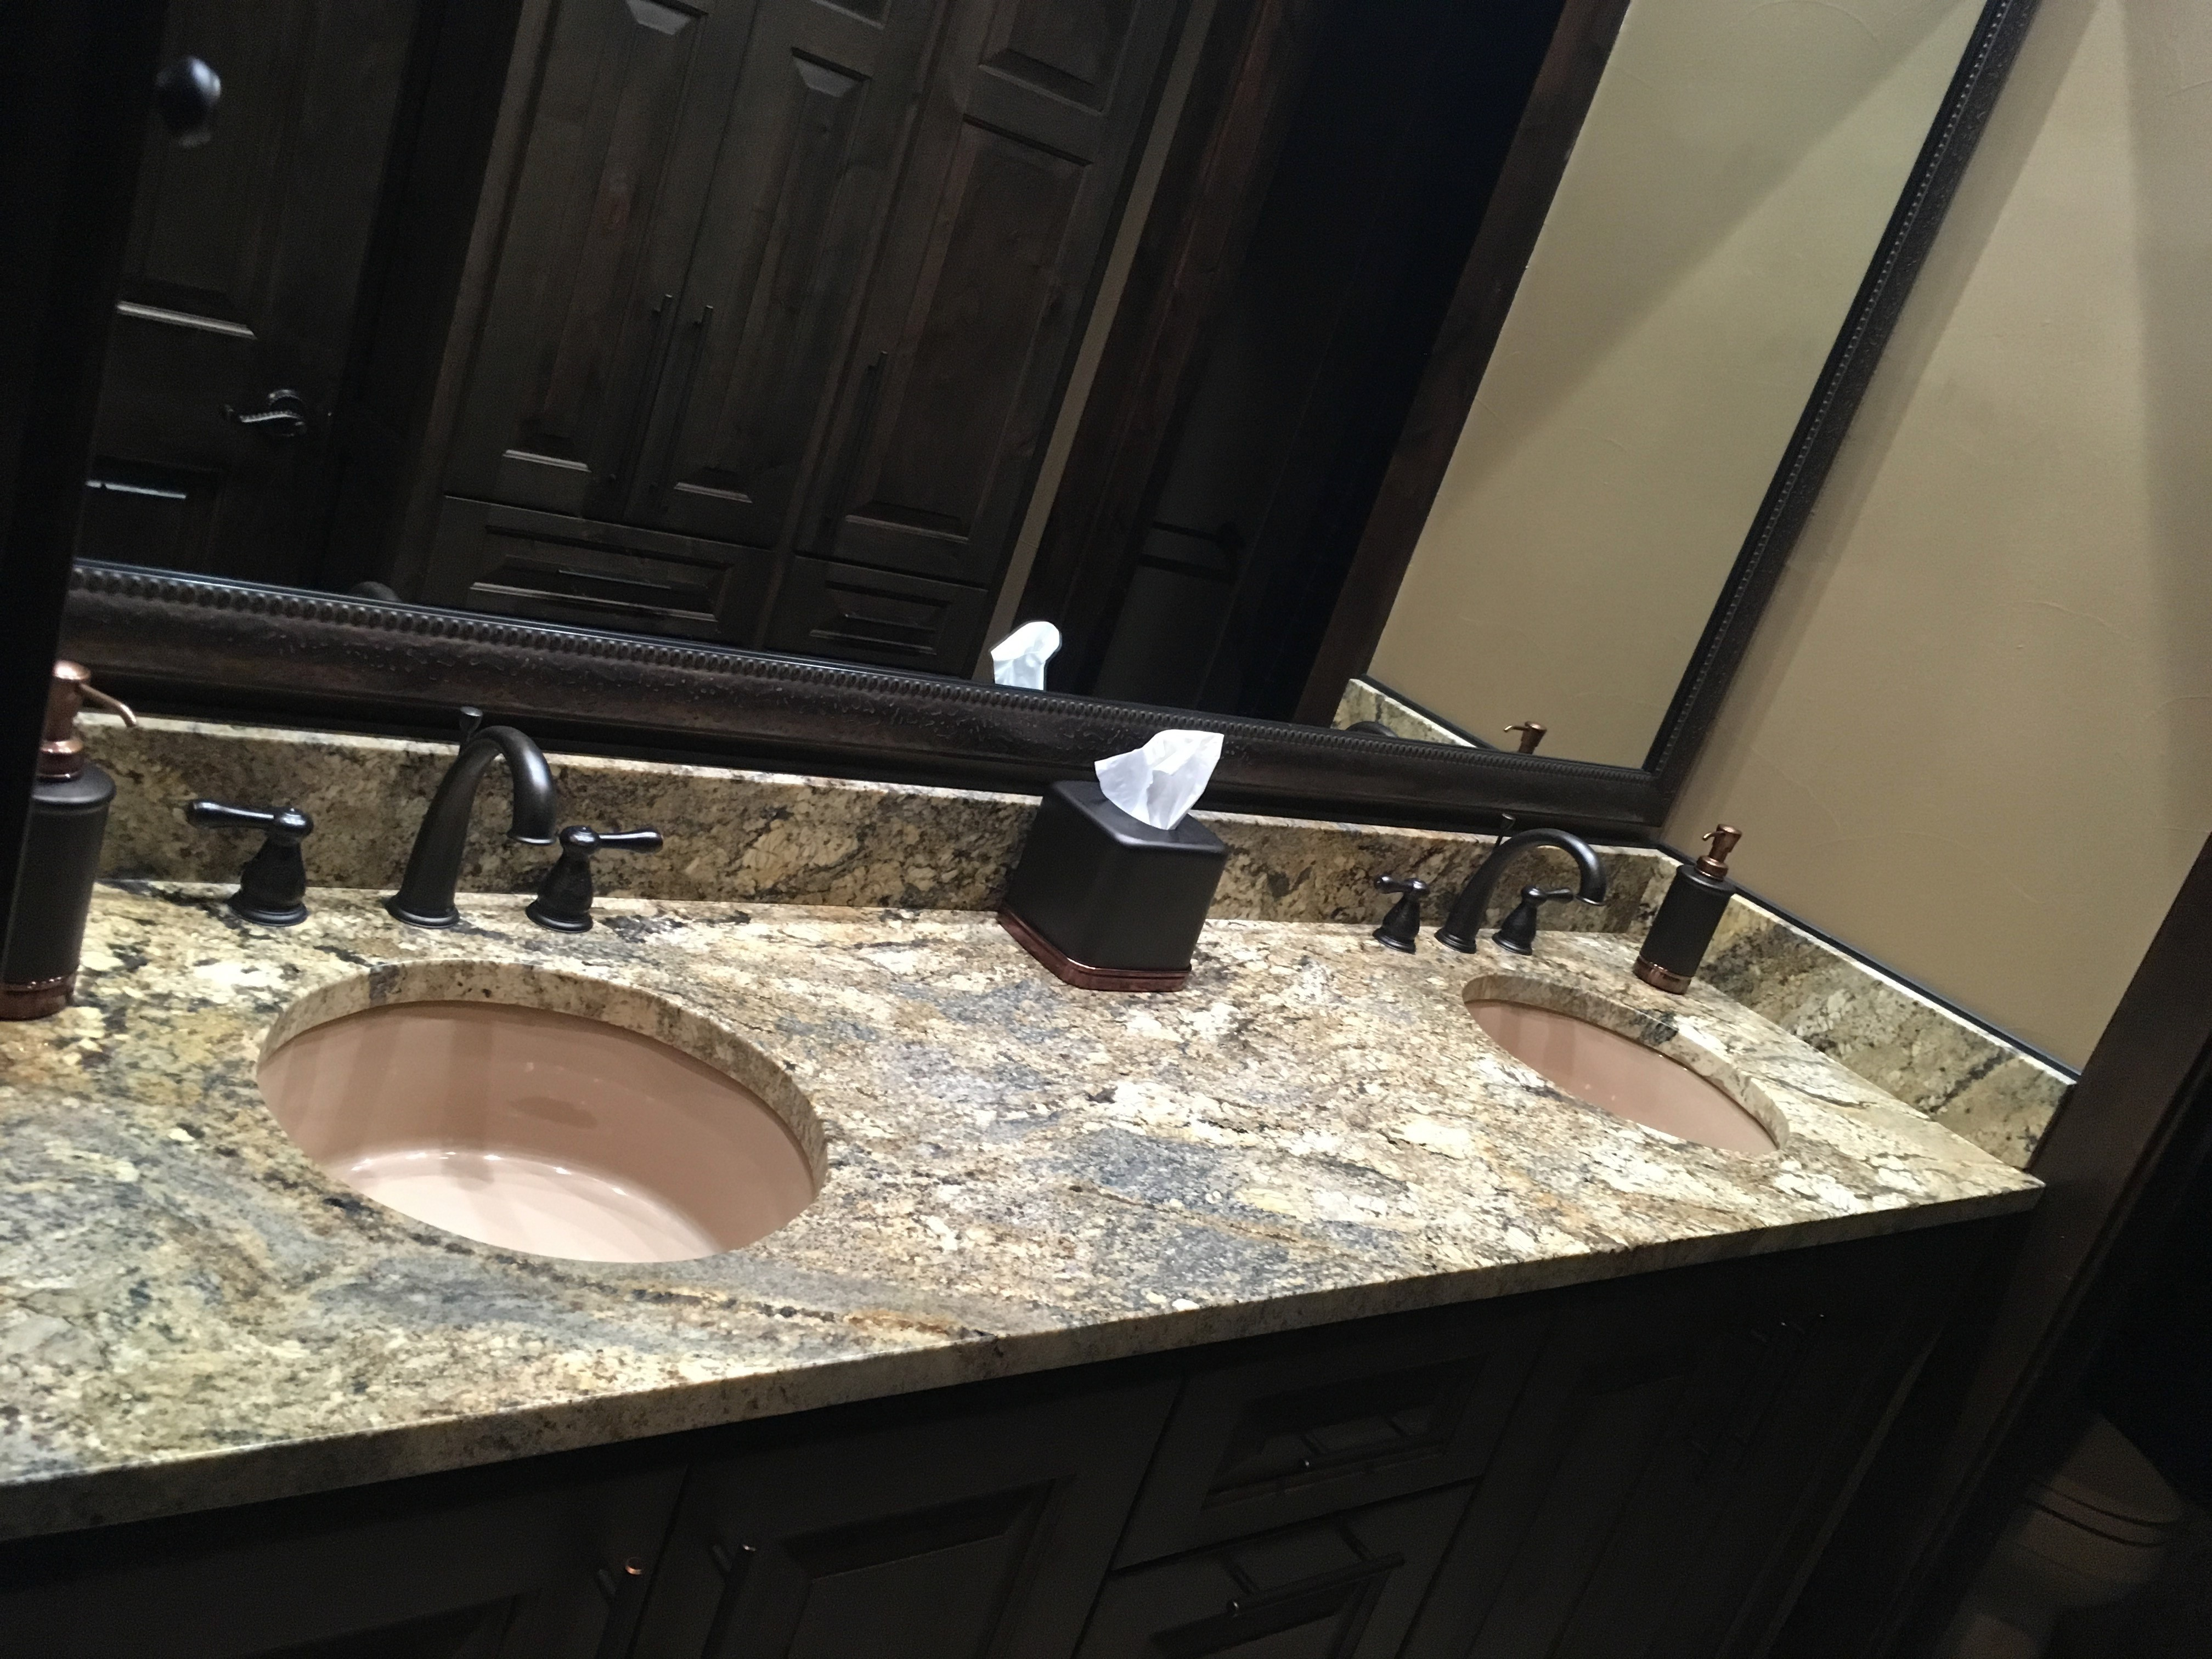 General Contractor San Antonio TX General Contractor Near Me - Bathroom countertops san antonio